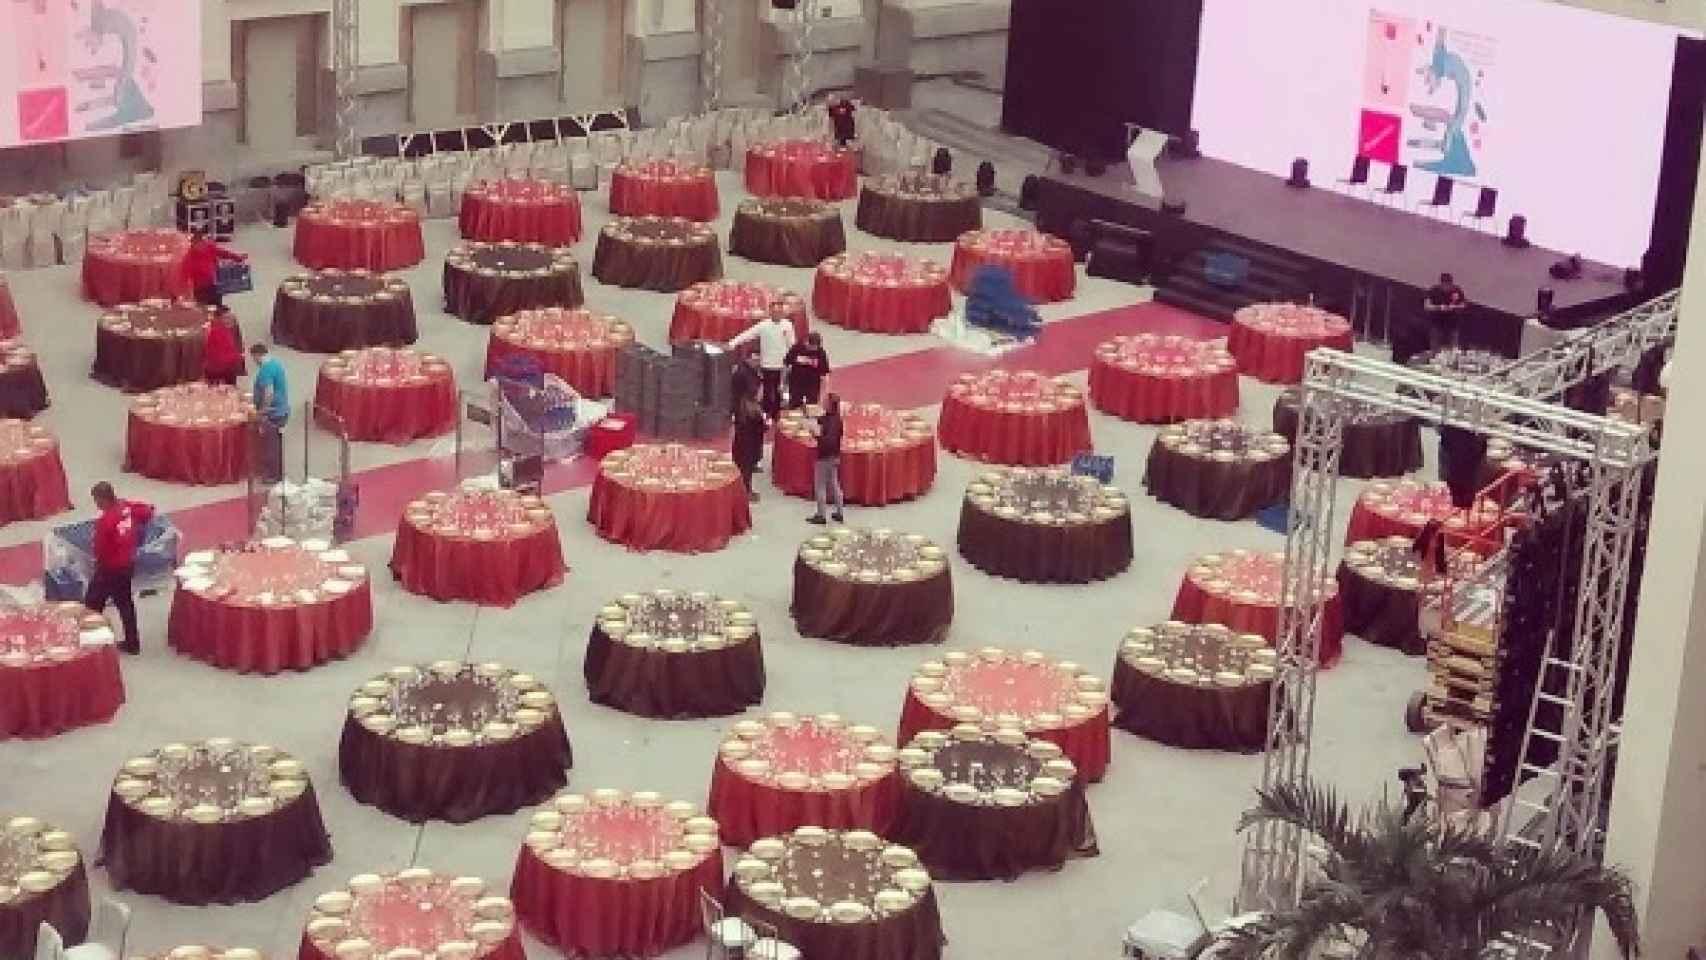 Los colores corporativos, el rojo y negro, vestían el ambiente de la cena.